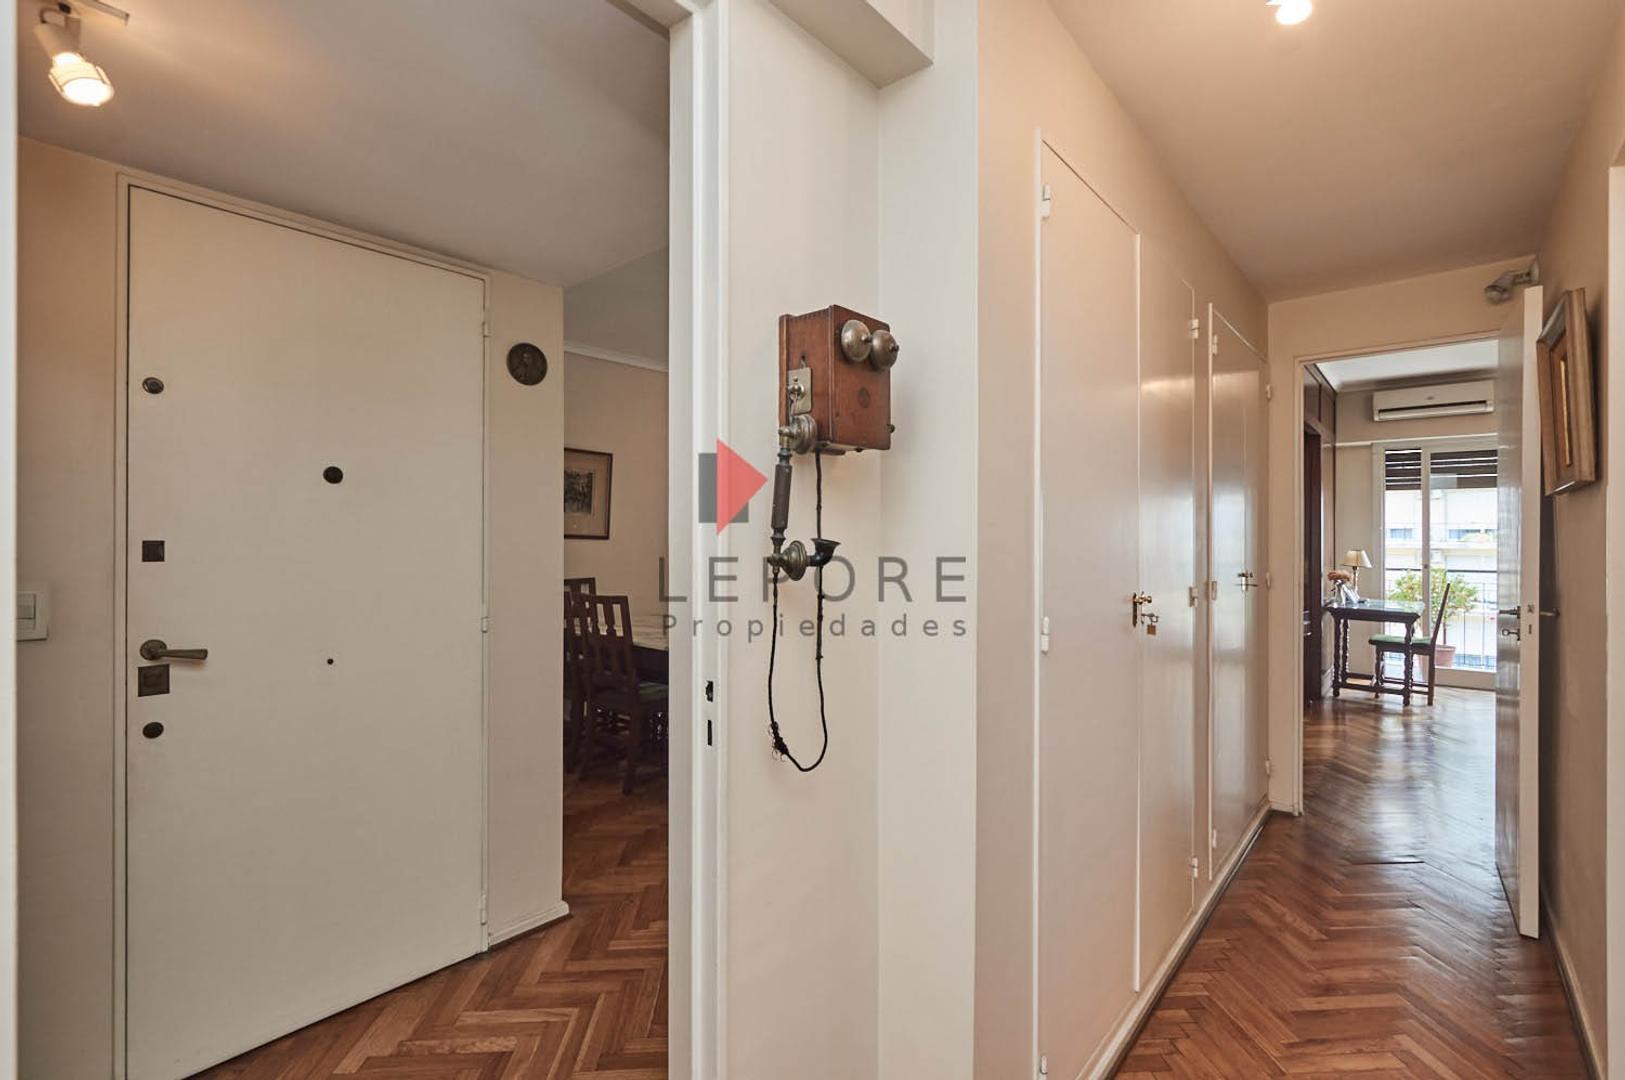 3 ambientes en venta, Barrio norte - Foto 15